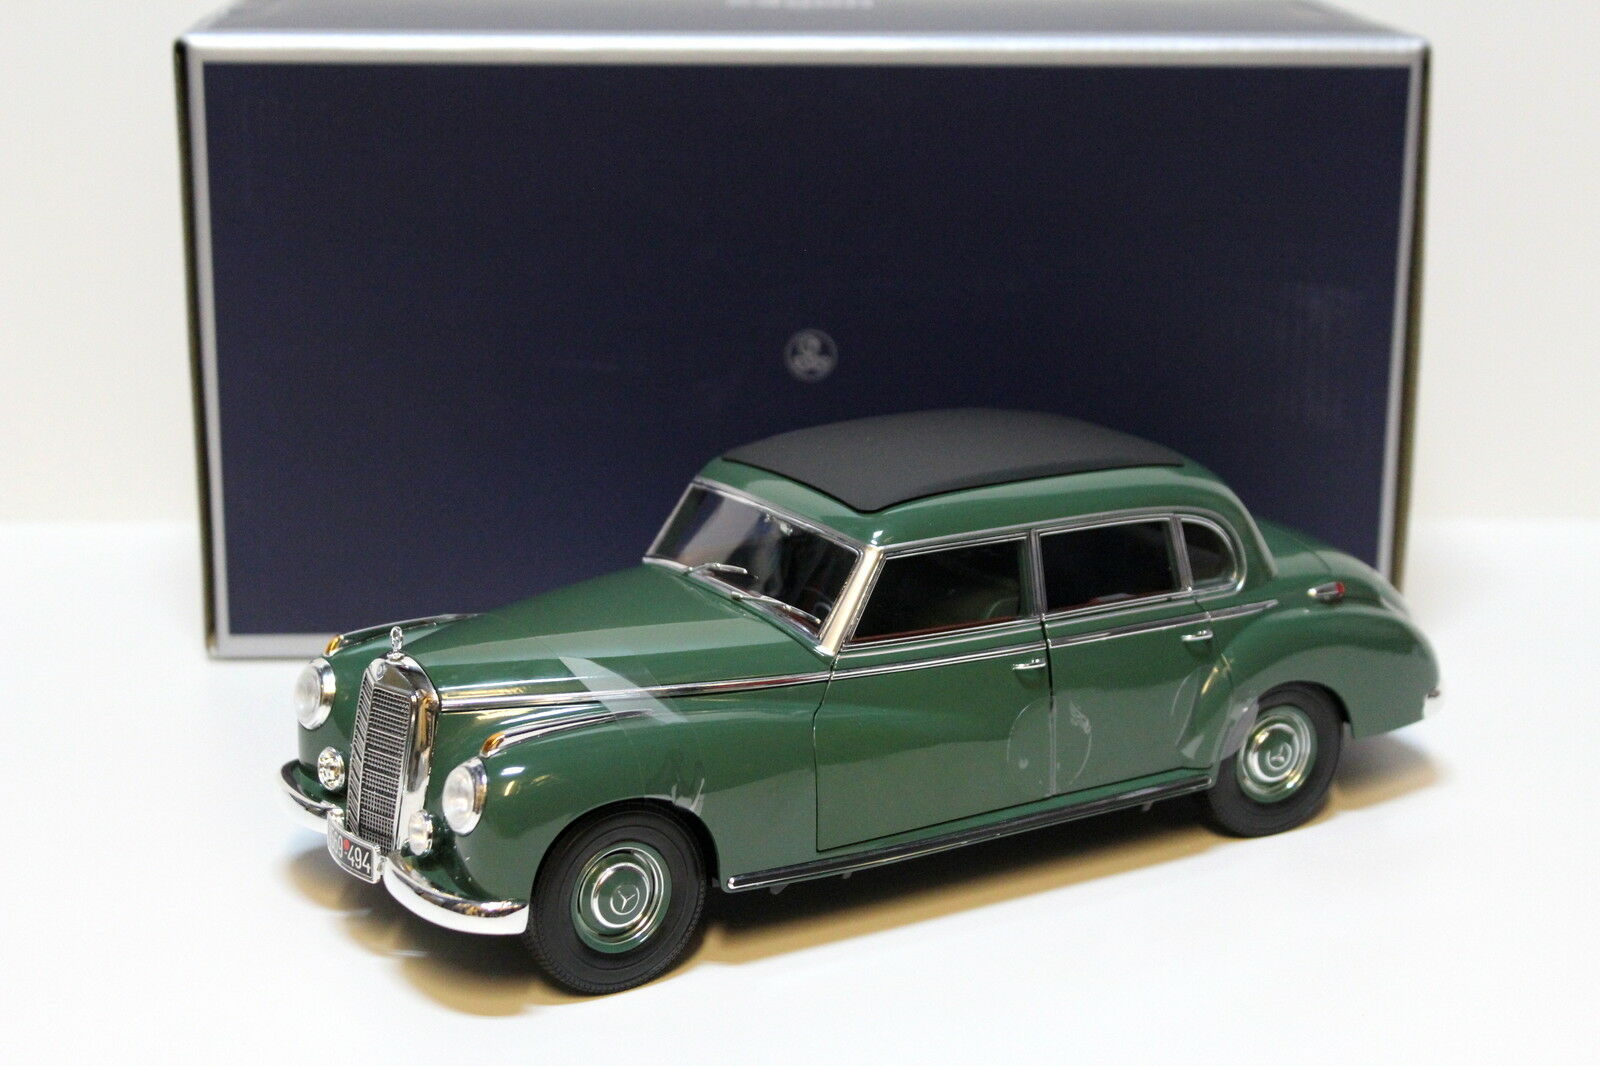 1 18 18 18 Norev Mercedes 300 Année de construction 1955 vert NEW chez Premium-modelcars 4292a5